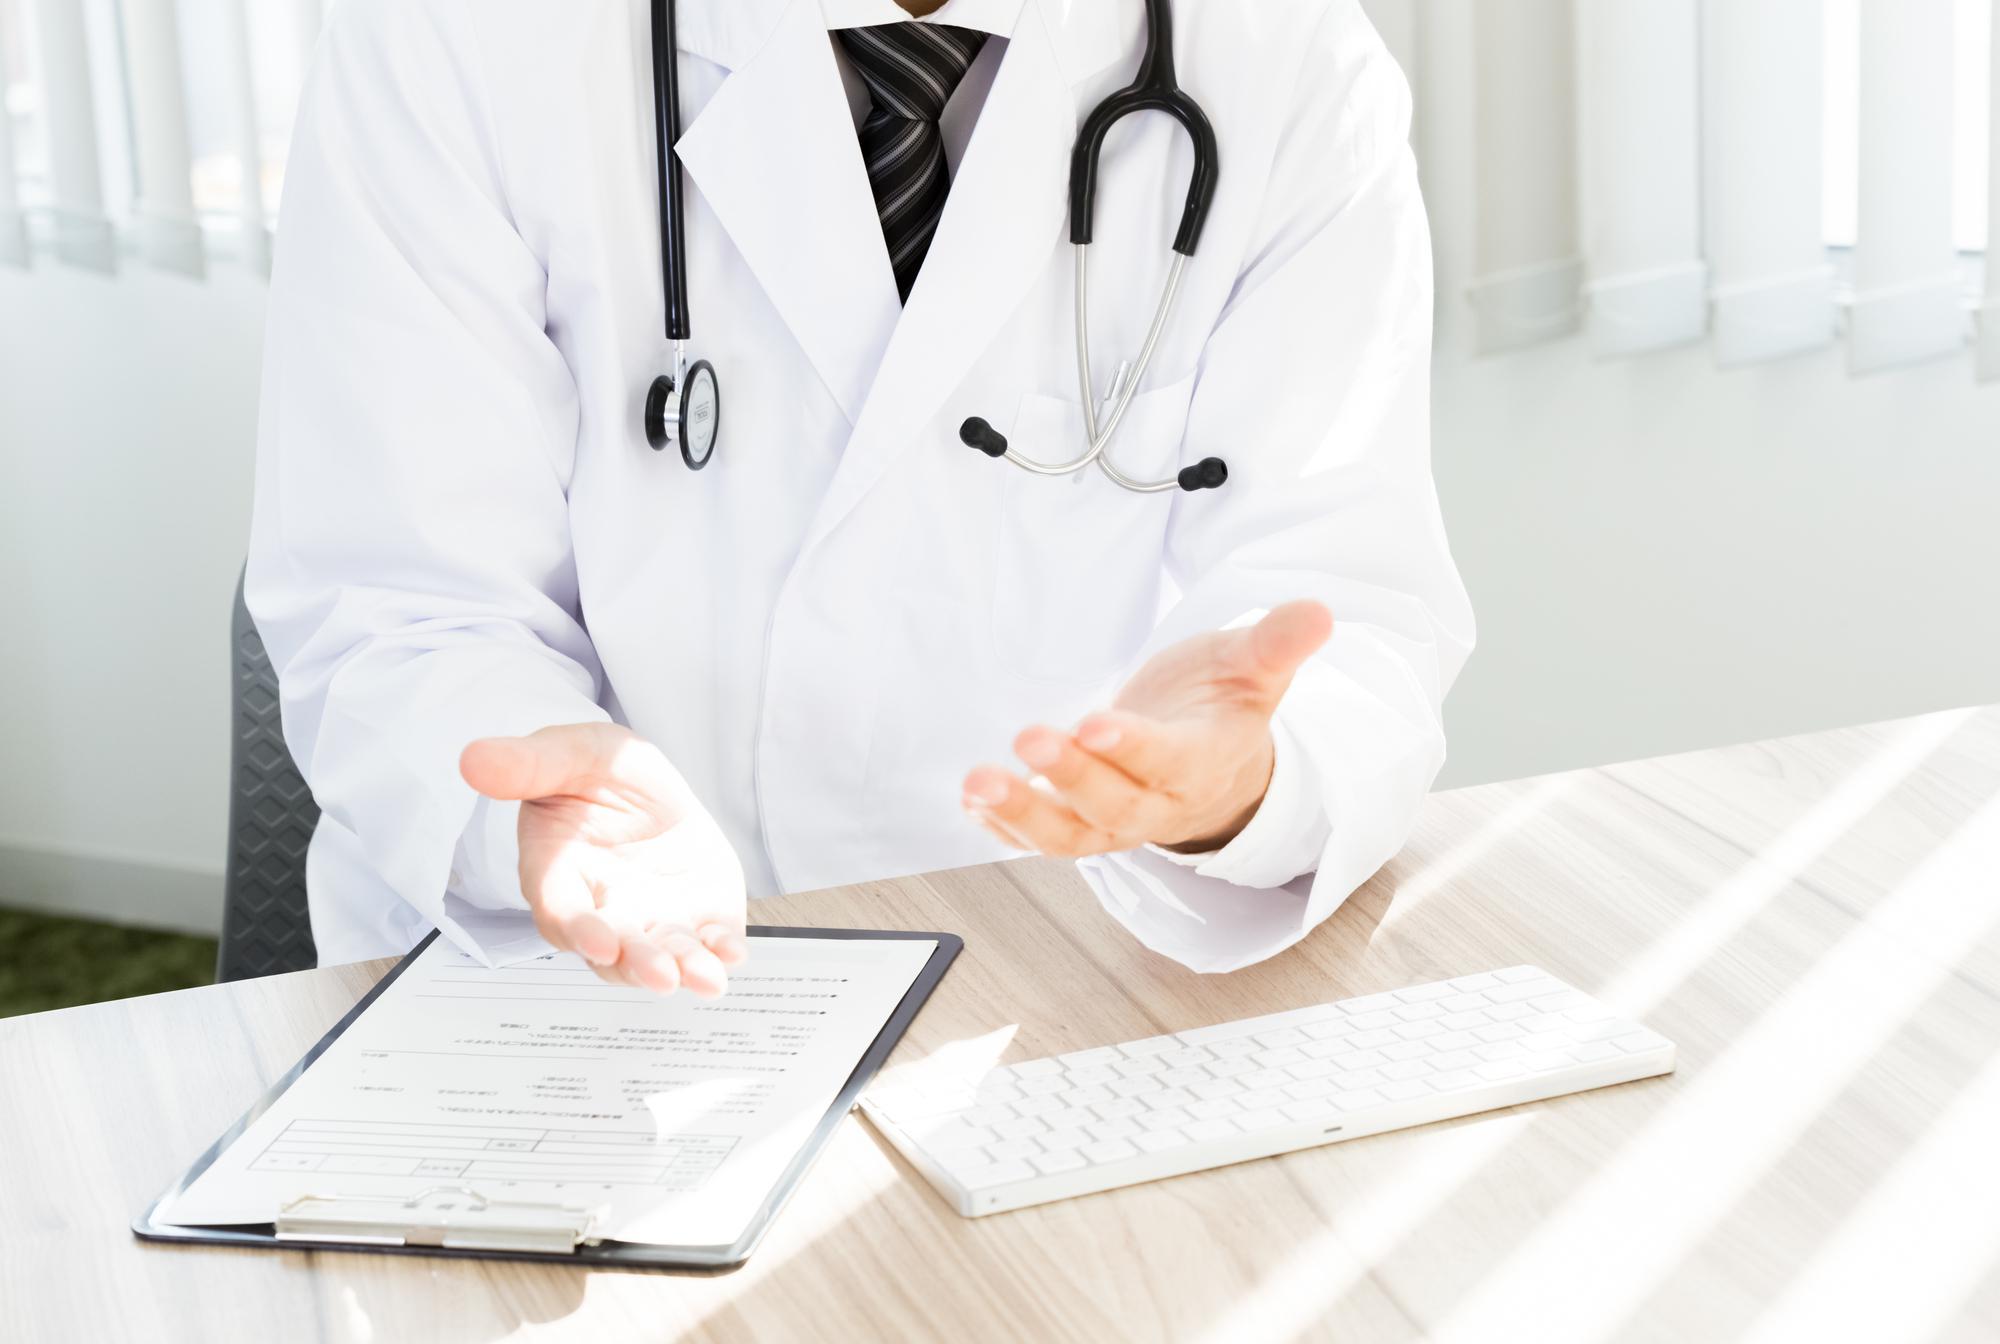 治療の流れを説明する医師